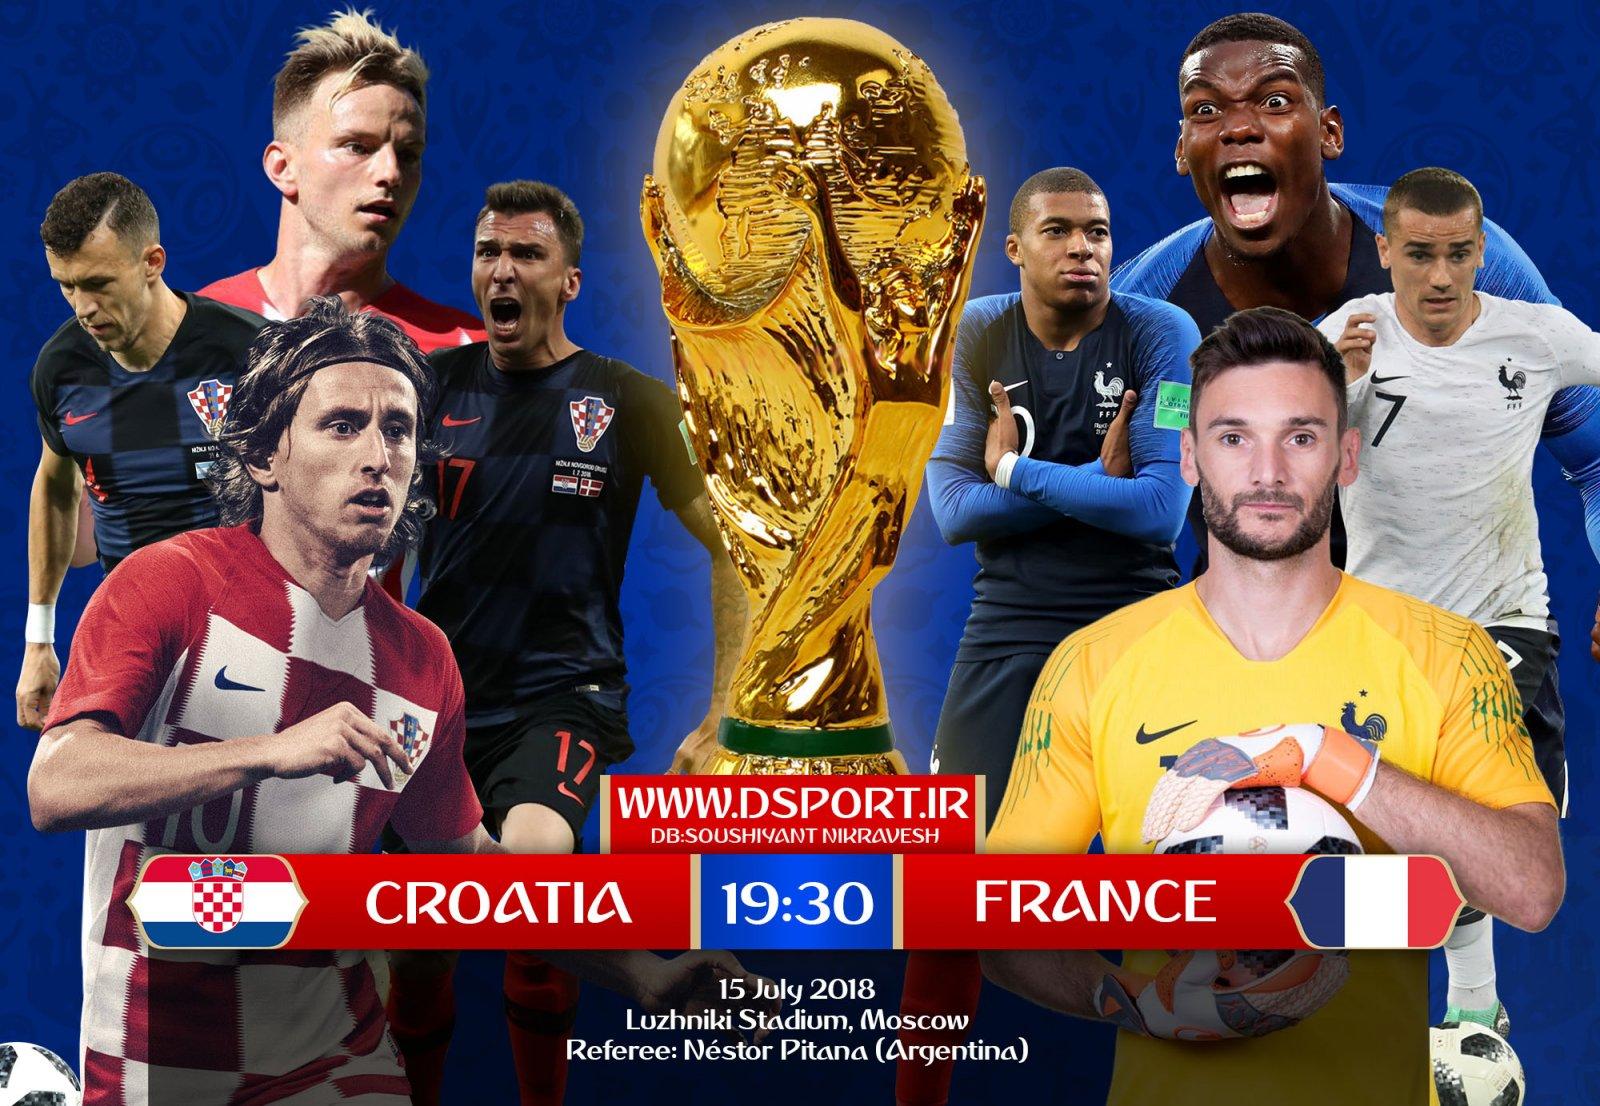 پیش بازی فرانسه-کرواسی؛ فاتح جام بیست و یک کدام تیم خواهد بود؟